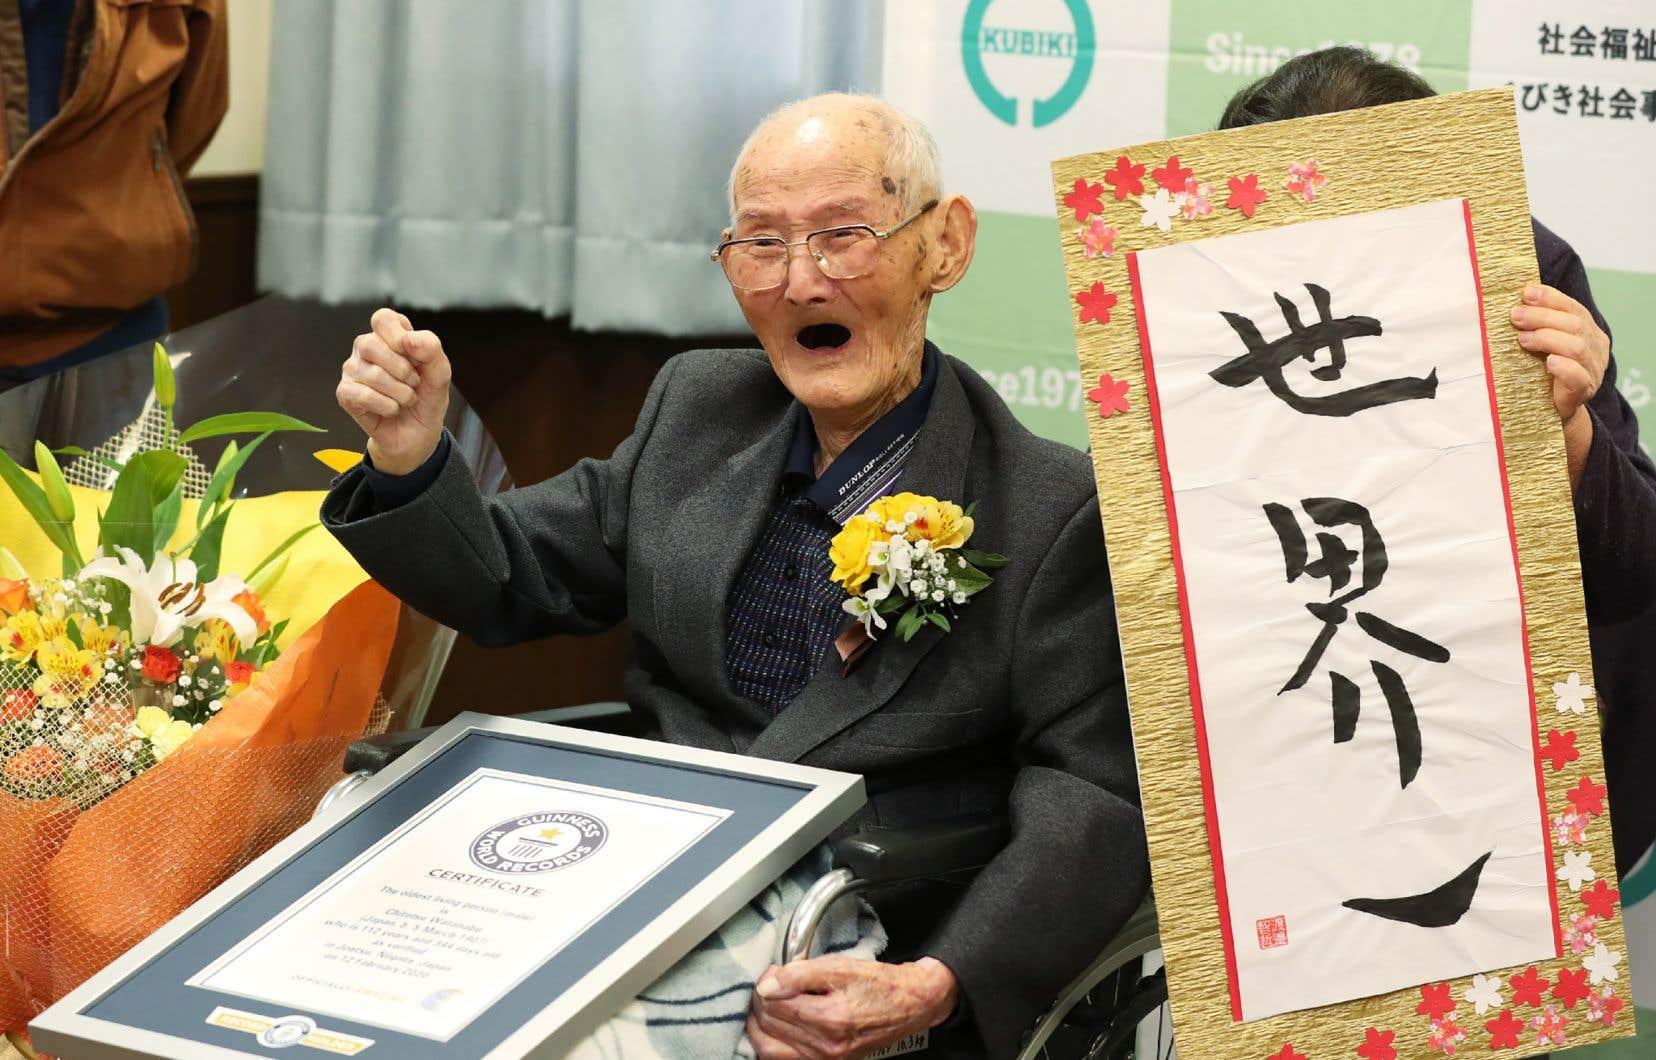 <p>Chitetsu Watanabe, né le 5mars 1907 à Niigata, au Nord de Tokyo, s'est éteint dimanche dans sa maison de retraite située dans la même région.</p>